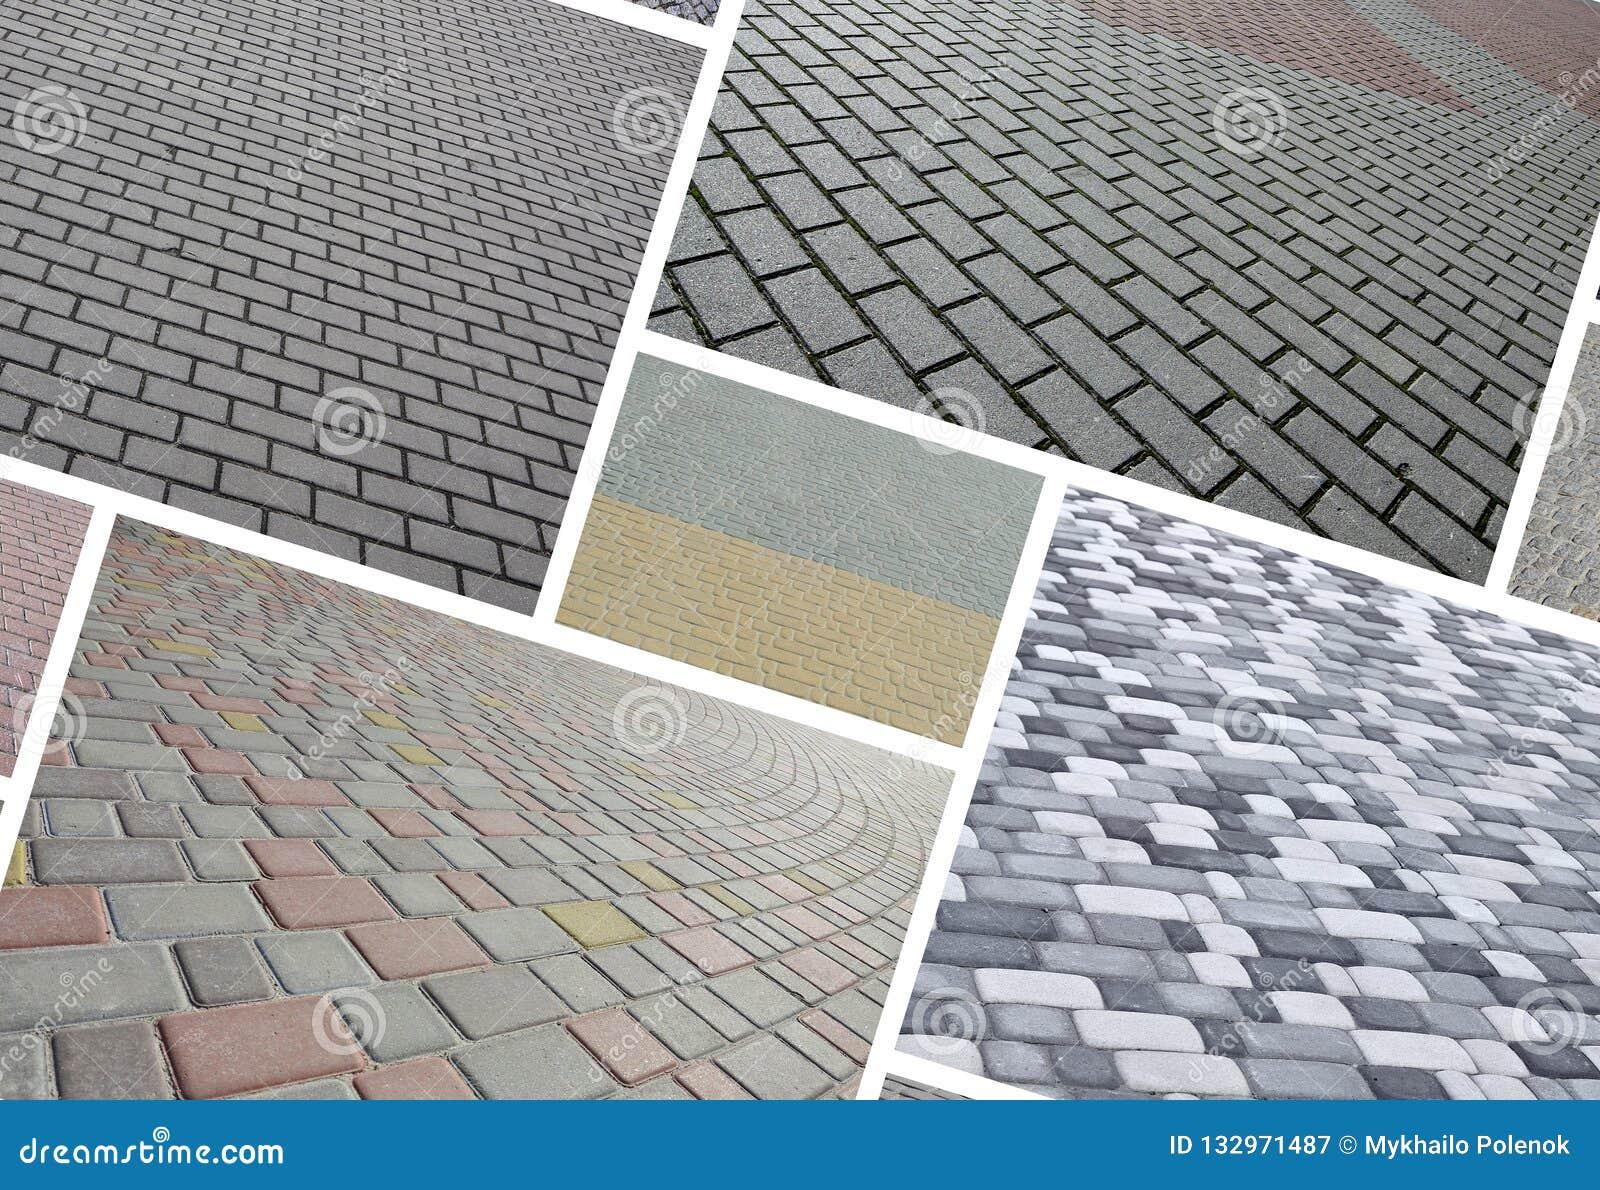 Un collage de muchas imágenes con los fragmentos de pavimentar las tejas cercanas